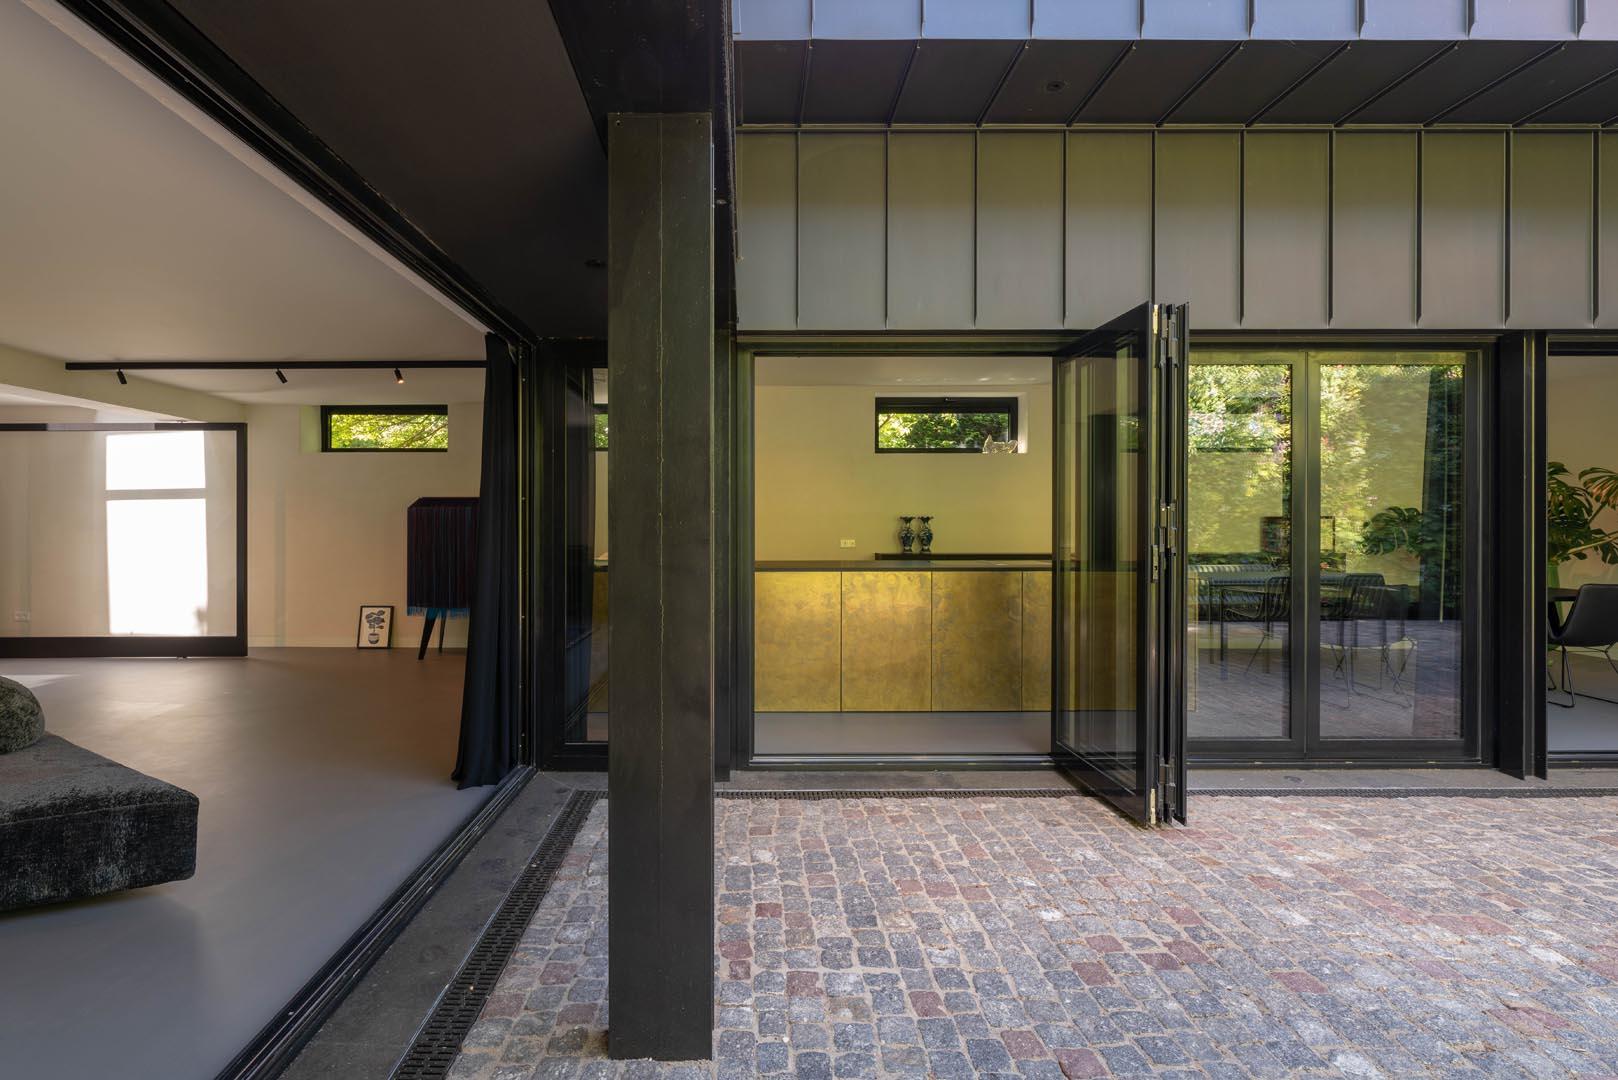 verbouw-nieuwbouw-woonhuis-stadsvilla-utrecht-1618×1080-05